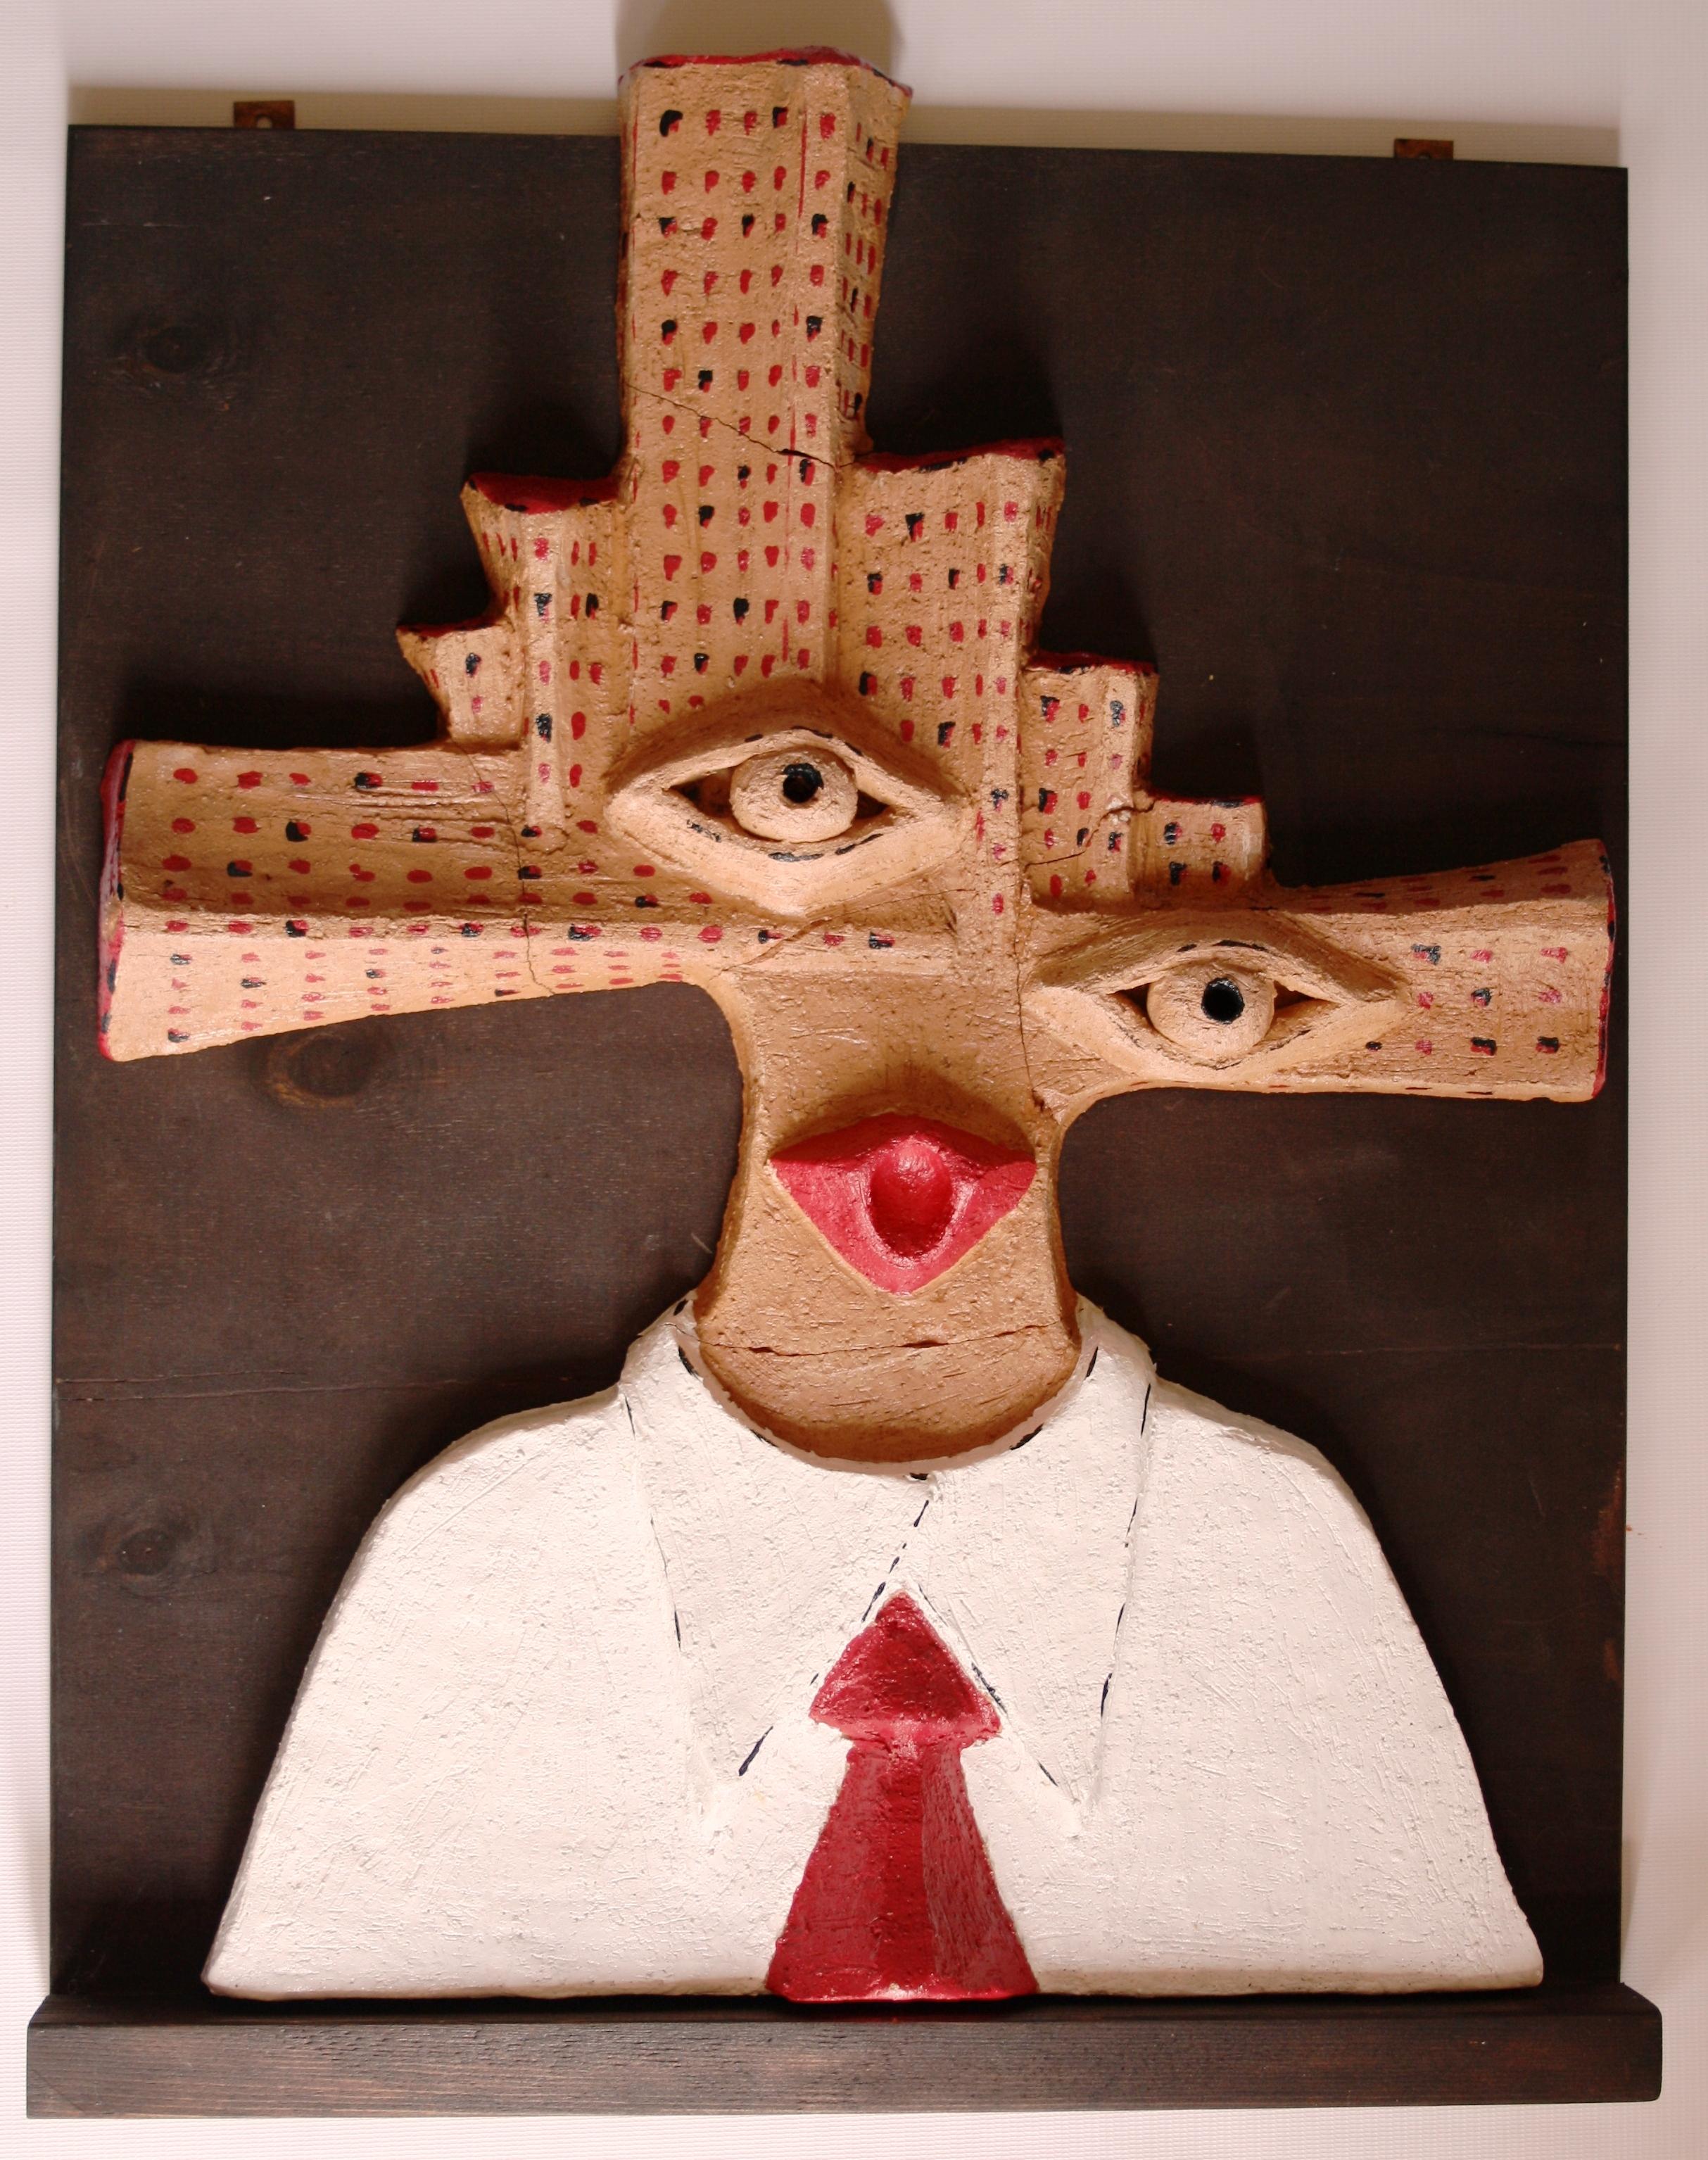 Gli occhi invisibili della città, 2004 semirefrattario colorato, Pasquale Mastrogiacomo, Acerno